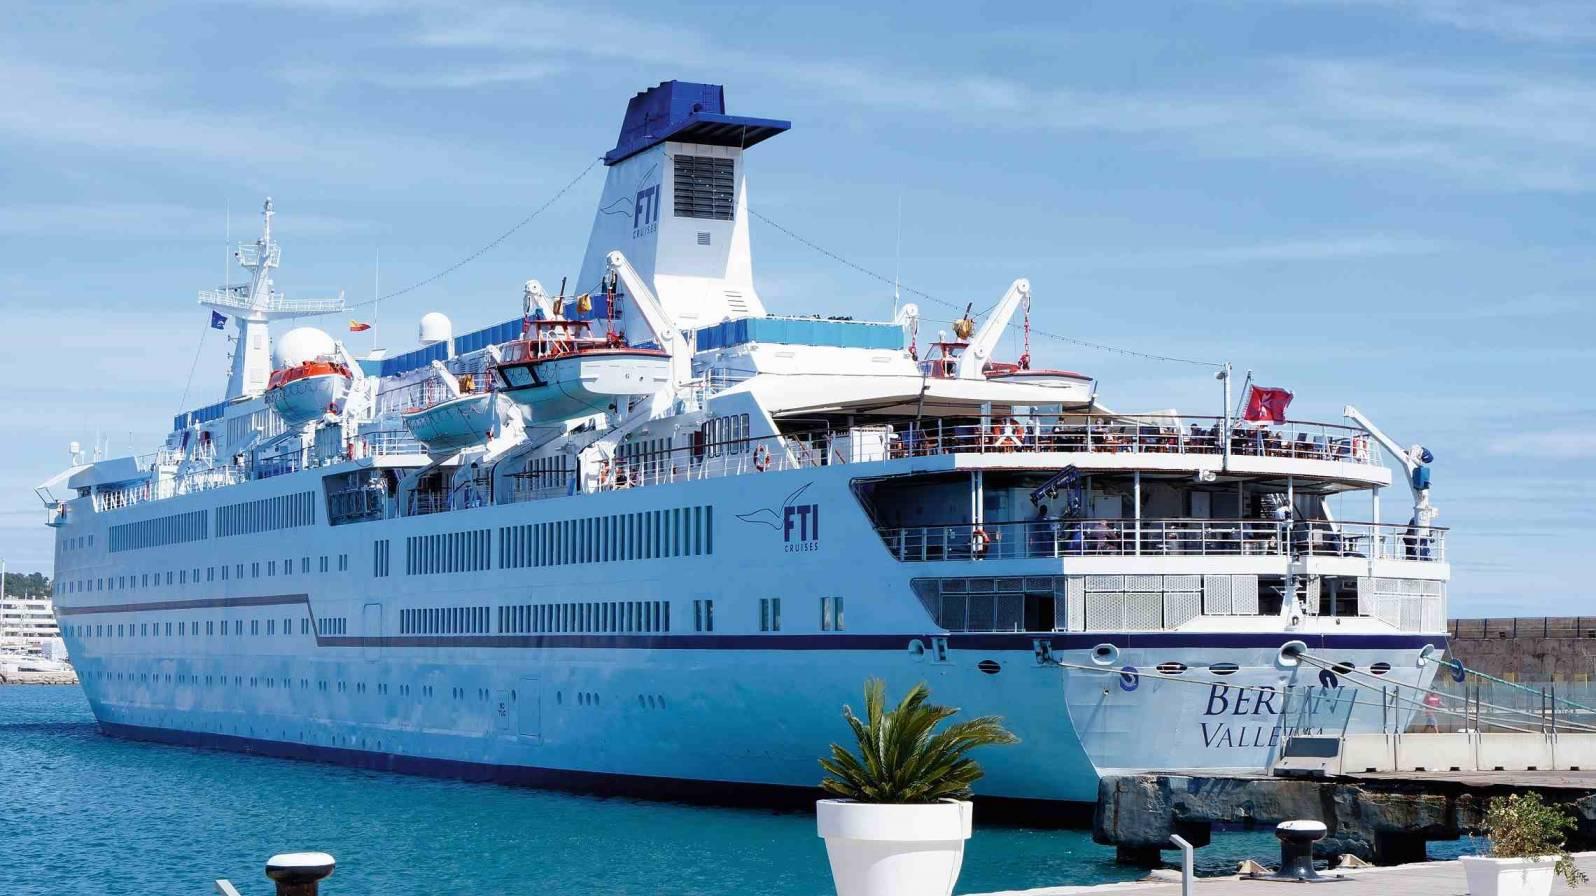 Berlin-ulkokuva-2-c-FTI-Cruises-1596x896.jpg